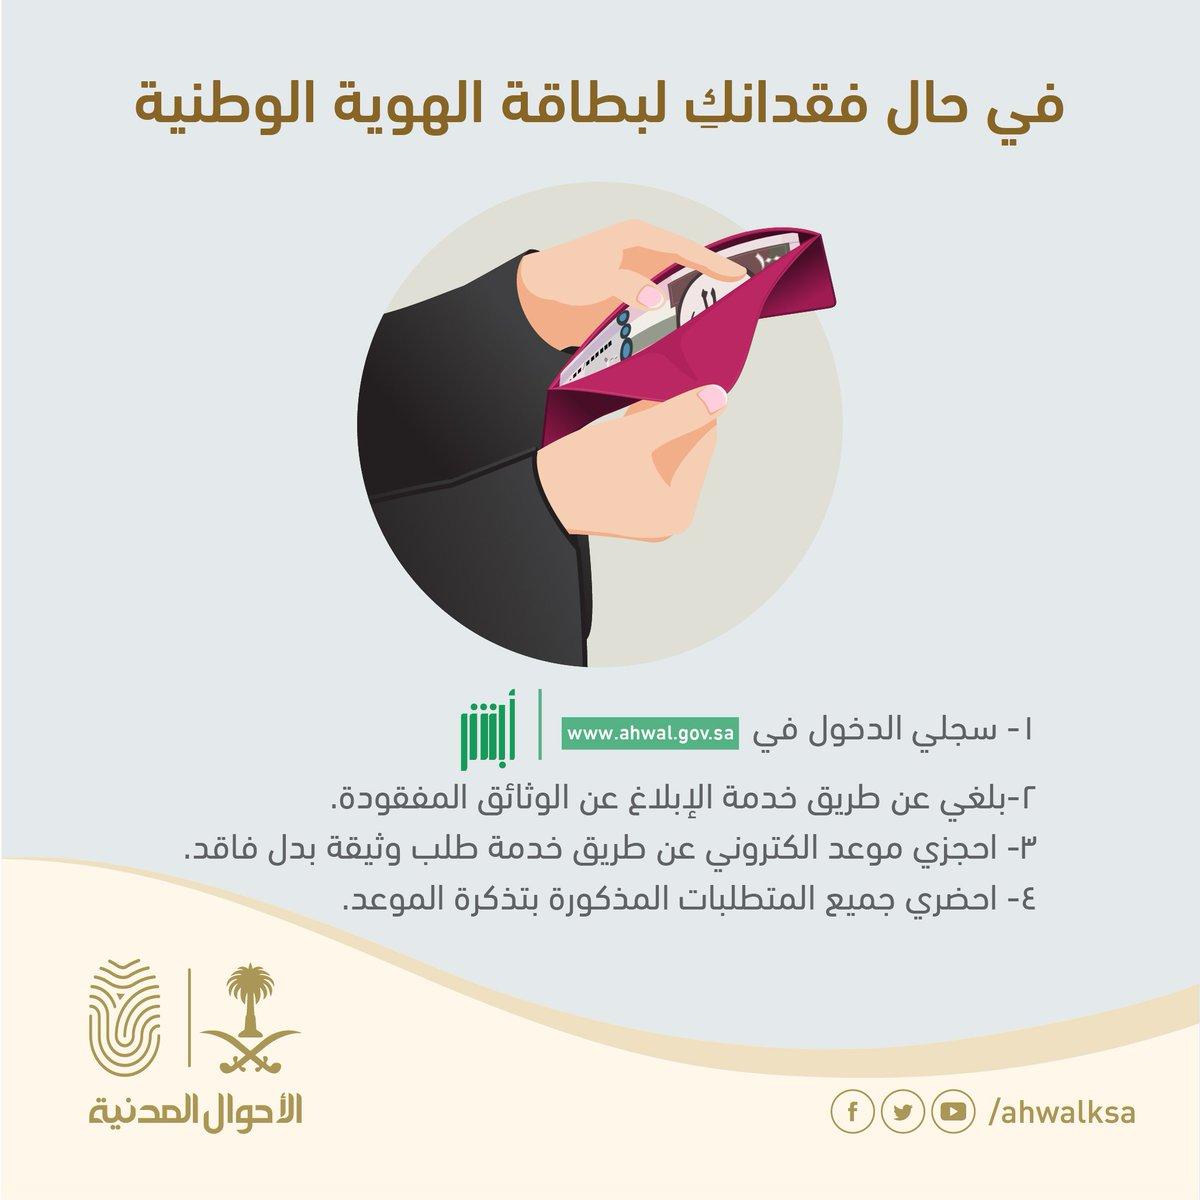 العناية بالعملاء Twitterissa يتم حجز موعد لإصدار بدل فاقد عن طريق أبشر نسعد بخدمتك